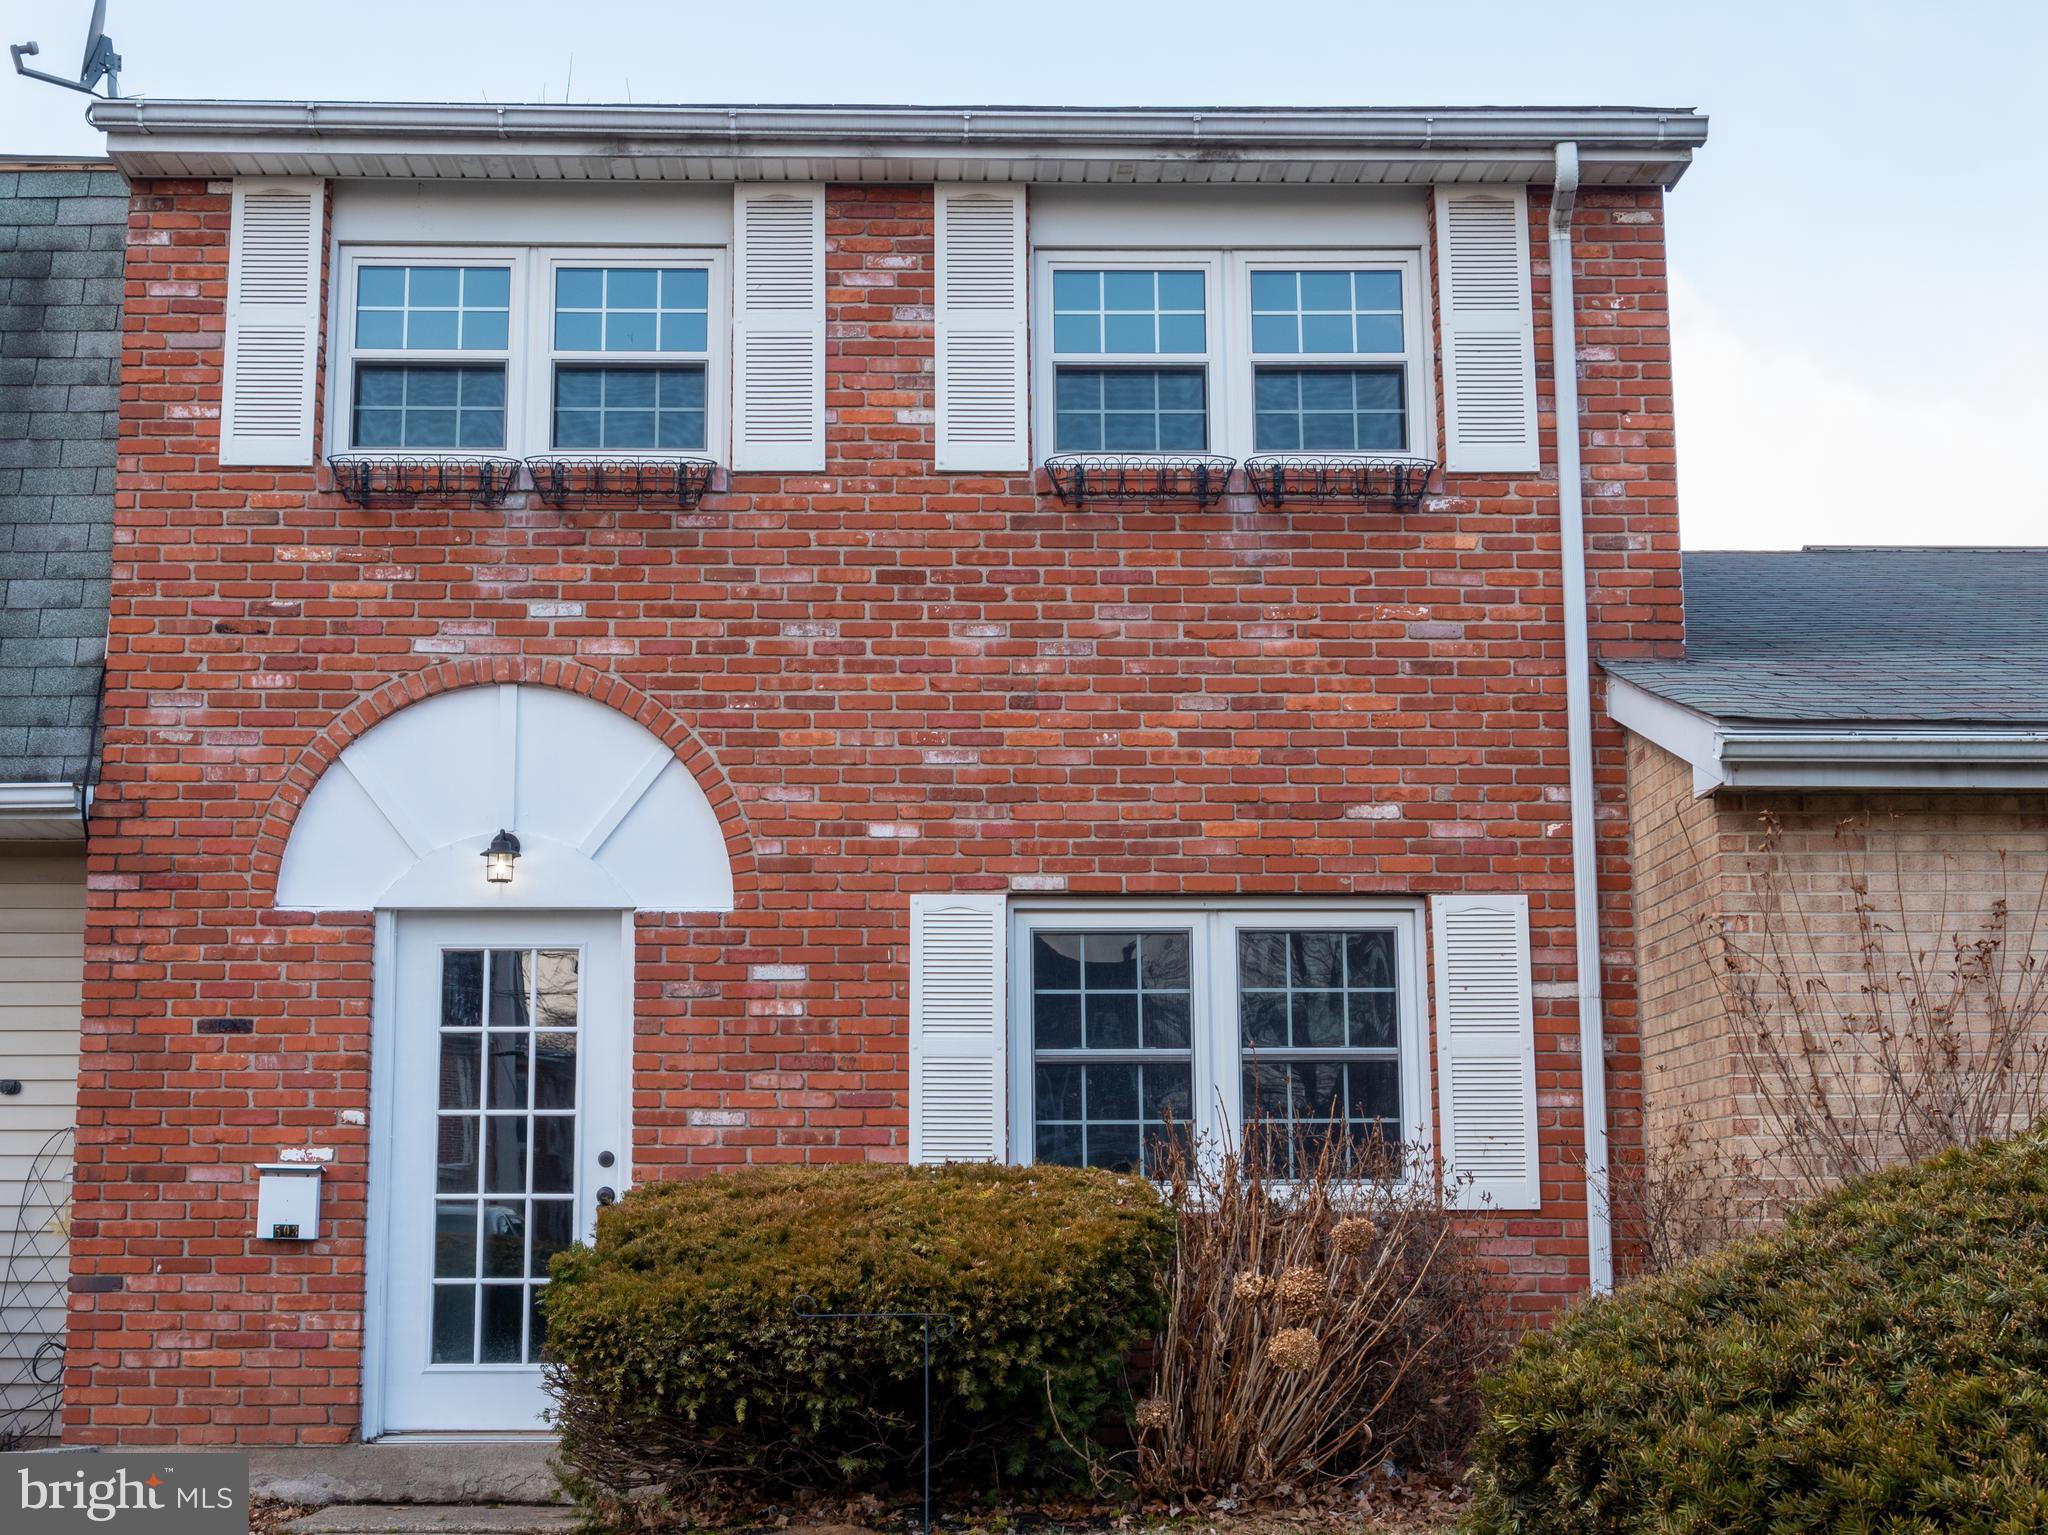 503 3RD STREET, EAST GREENVILLE, PA 18041